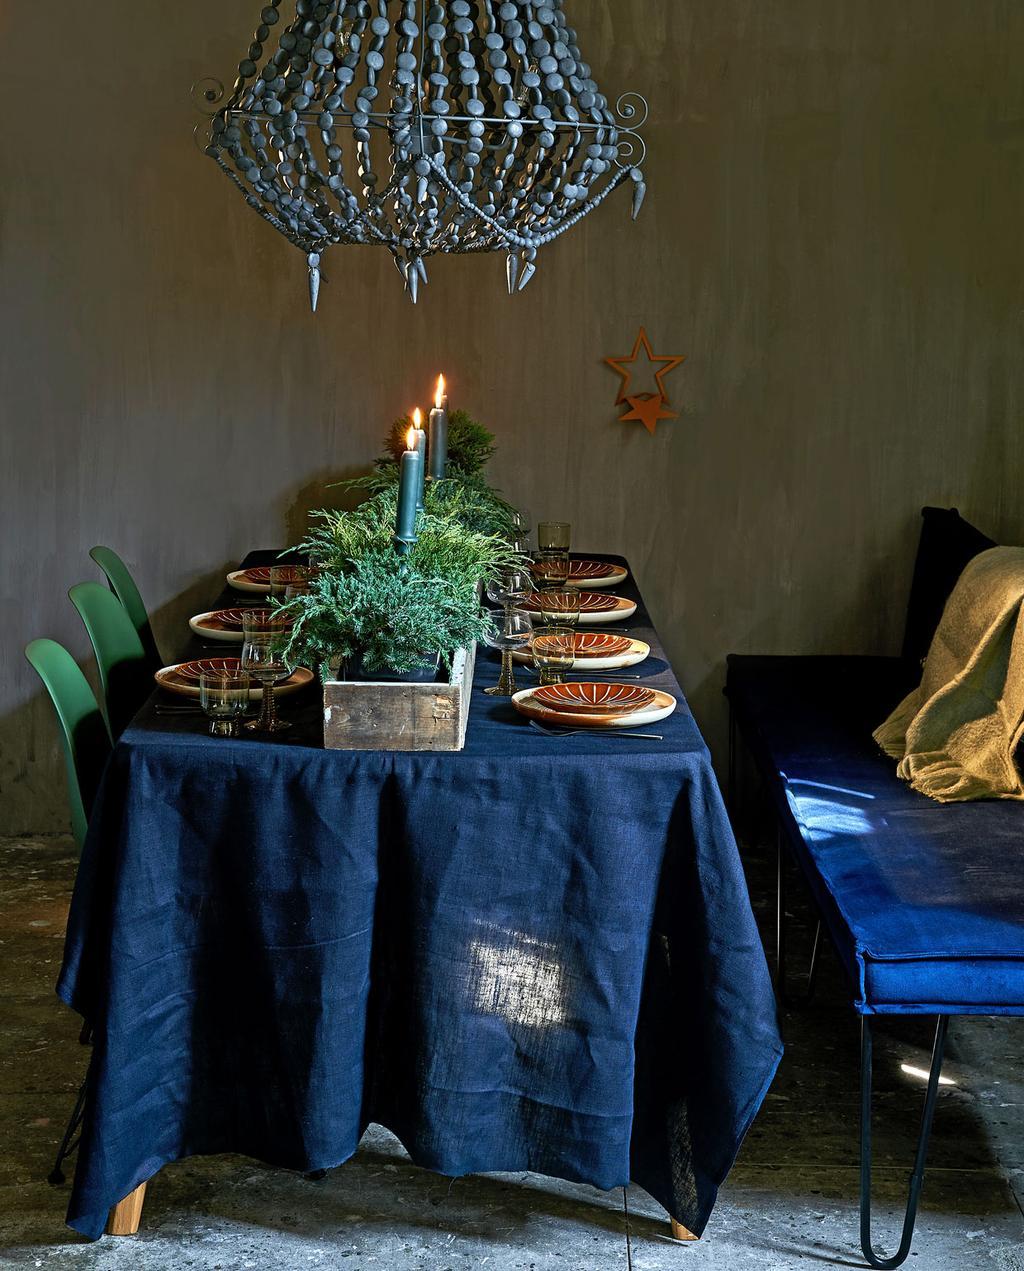 vtwonen 12-2019 | styling kerst eettafel gedekt